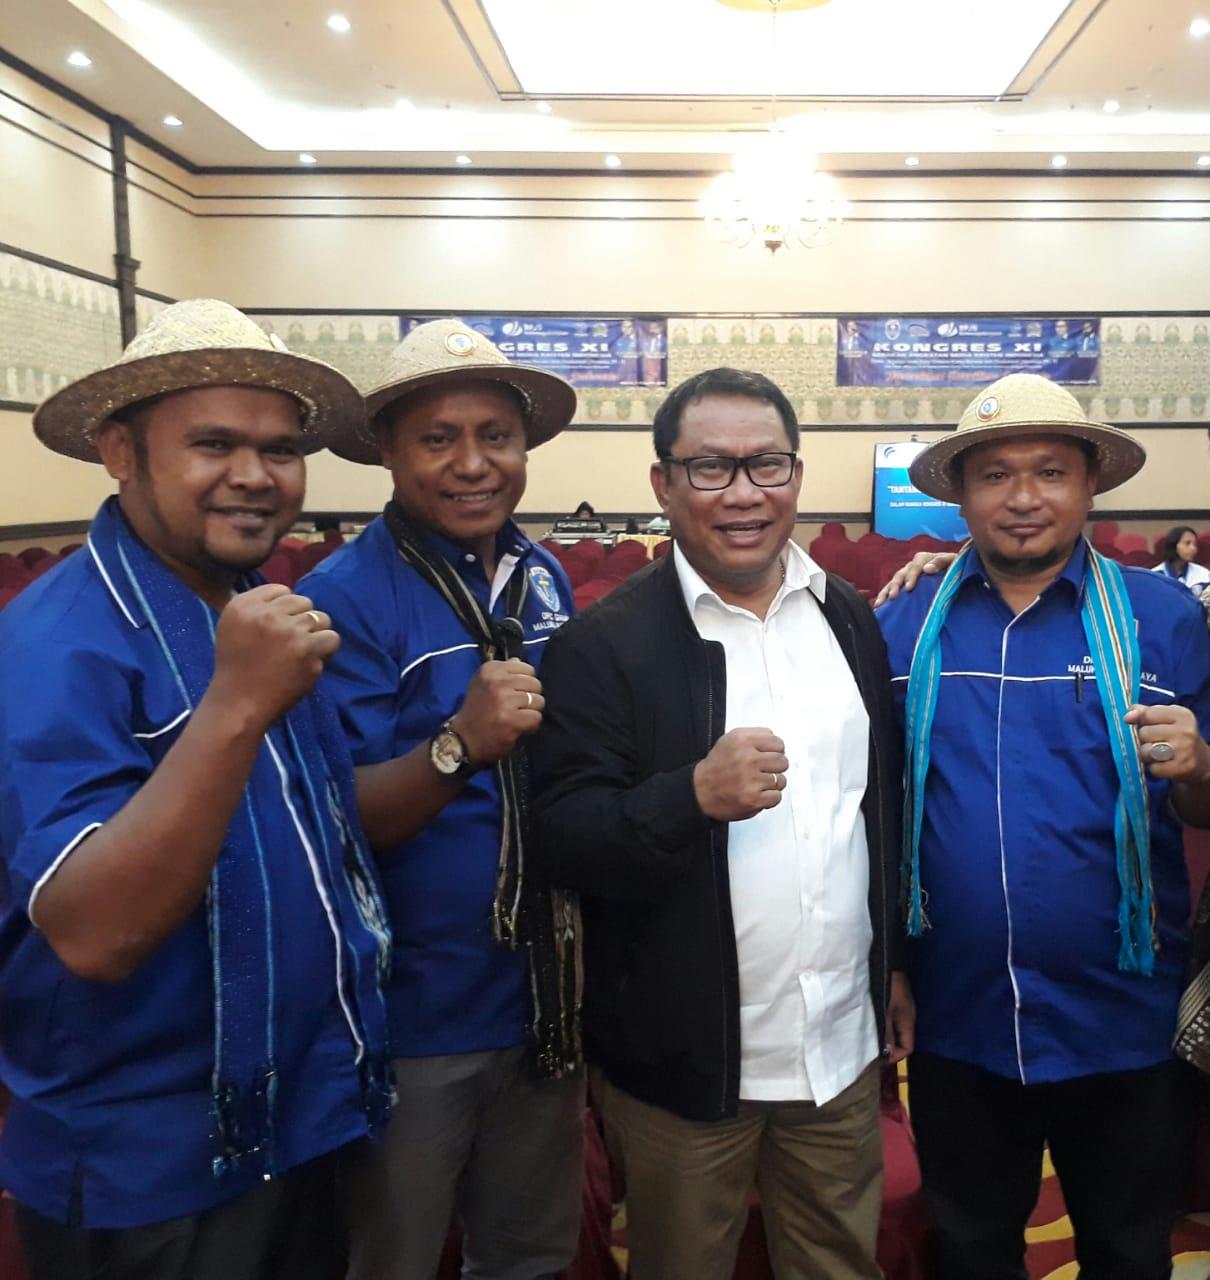 GAMKI MBD: Bangun Indonesia Bersatu, Jangan Belajar ke Luar Negeri